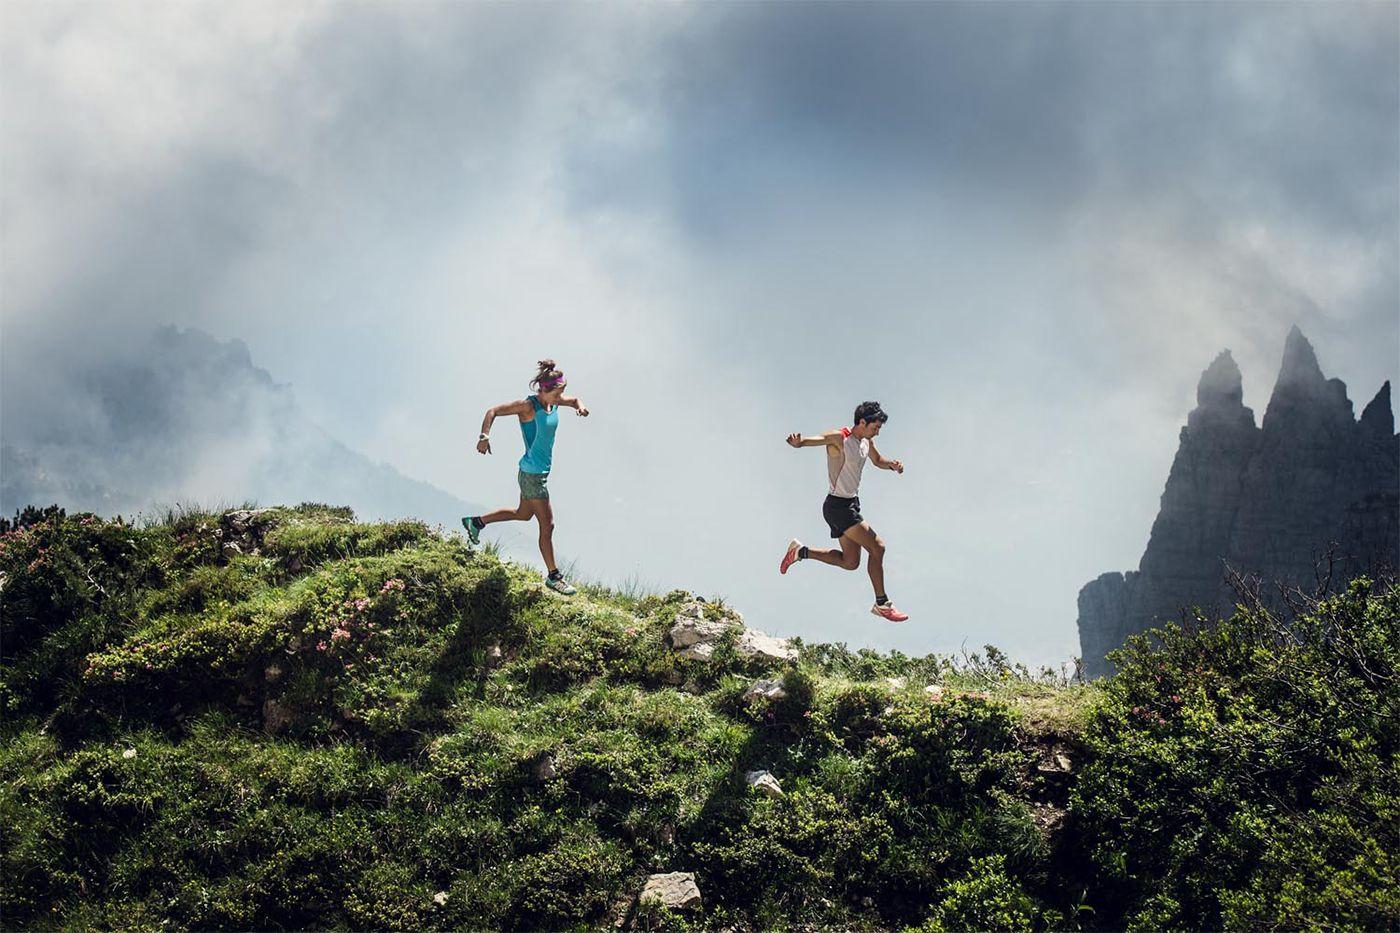 Emelie Forsberg And Kilian Jornet Trailrunning Skyrunning